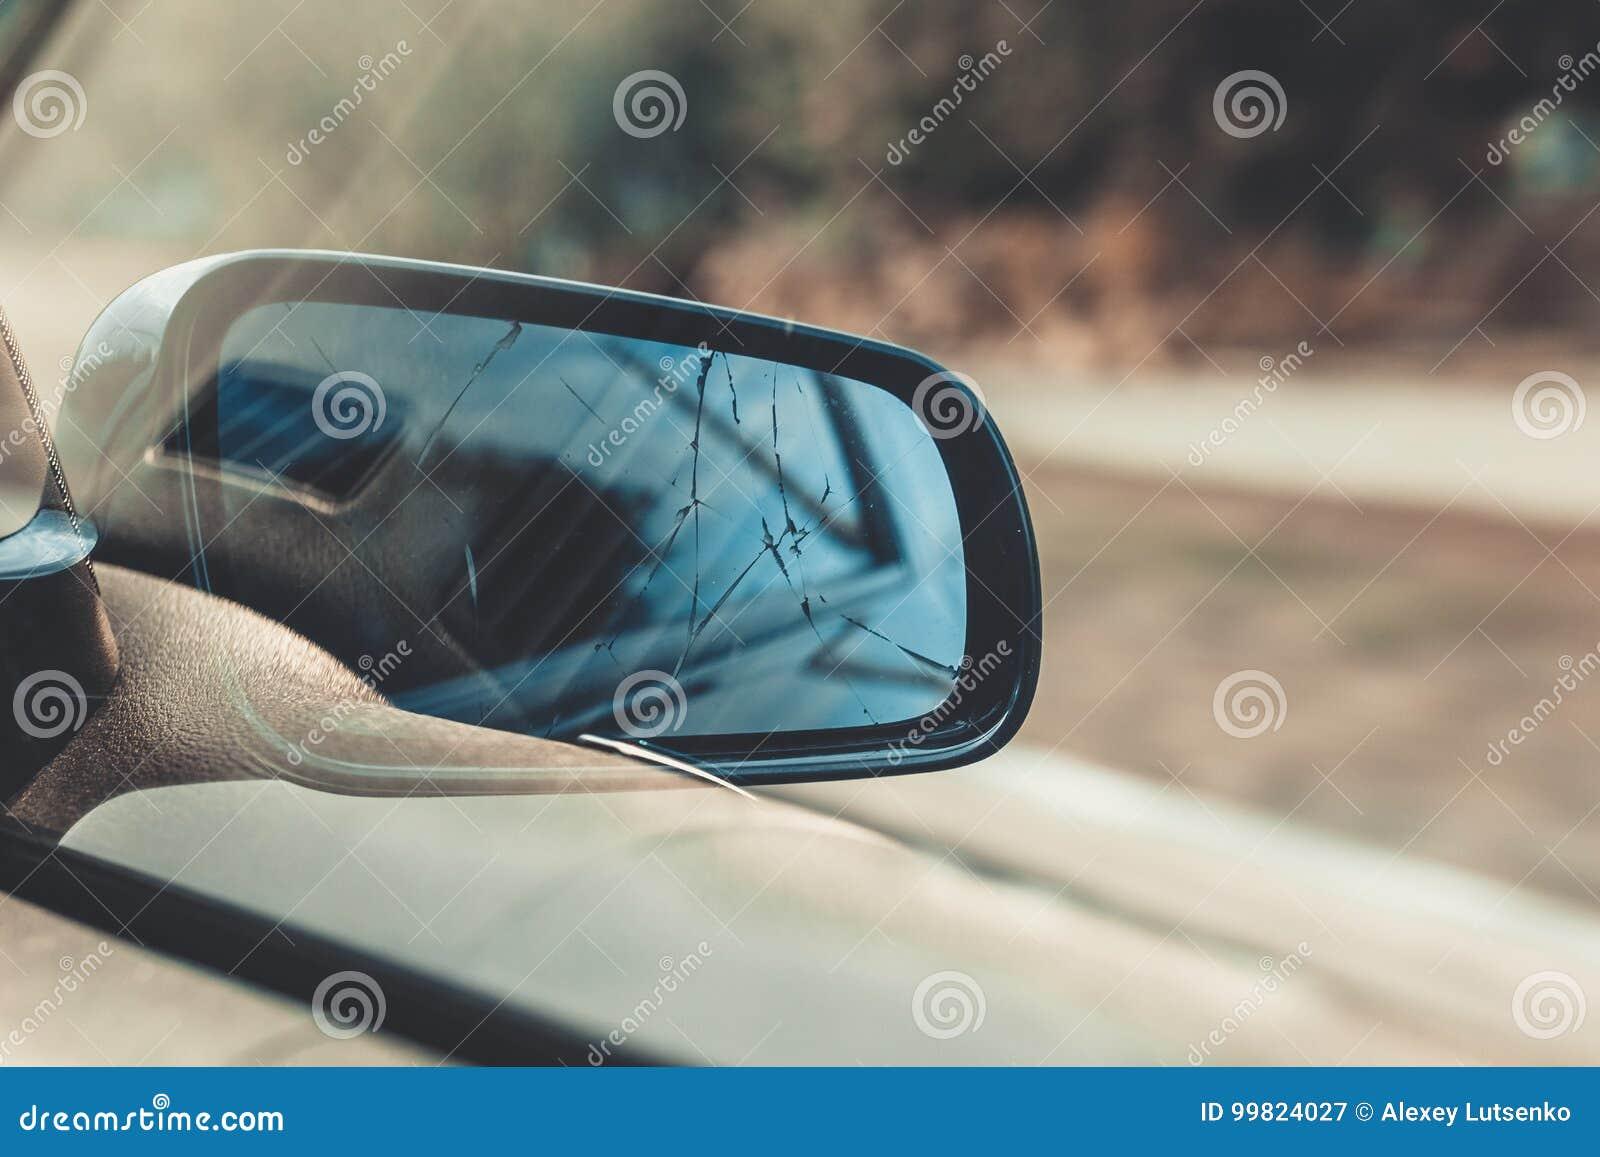 Backspegel av bilen tonat foto